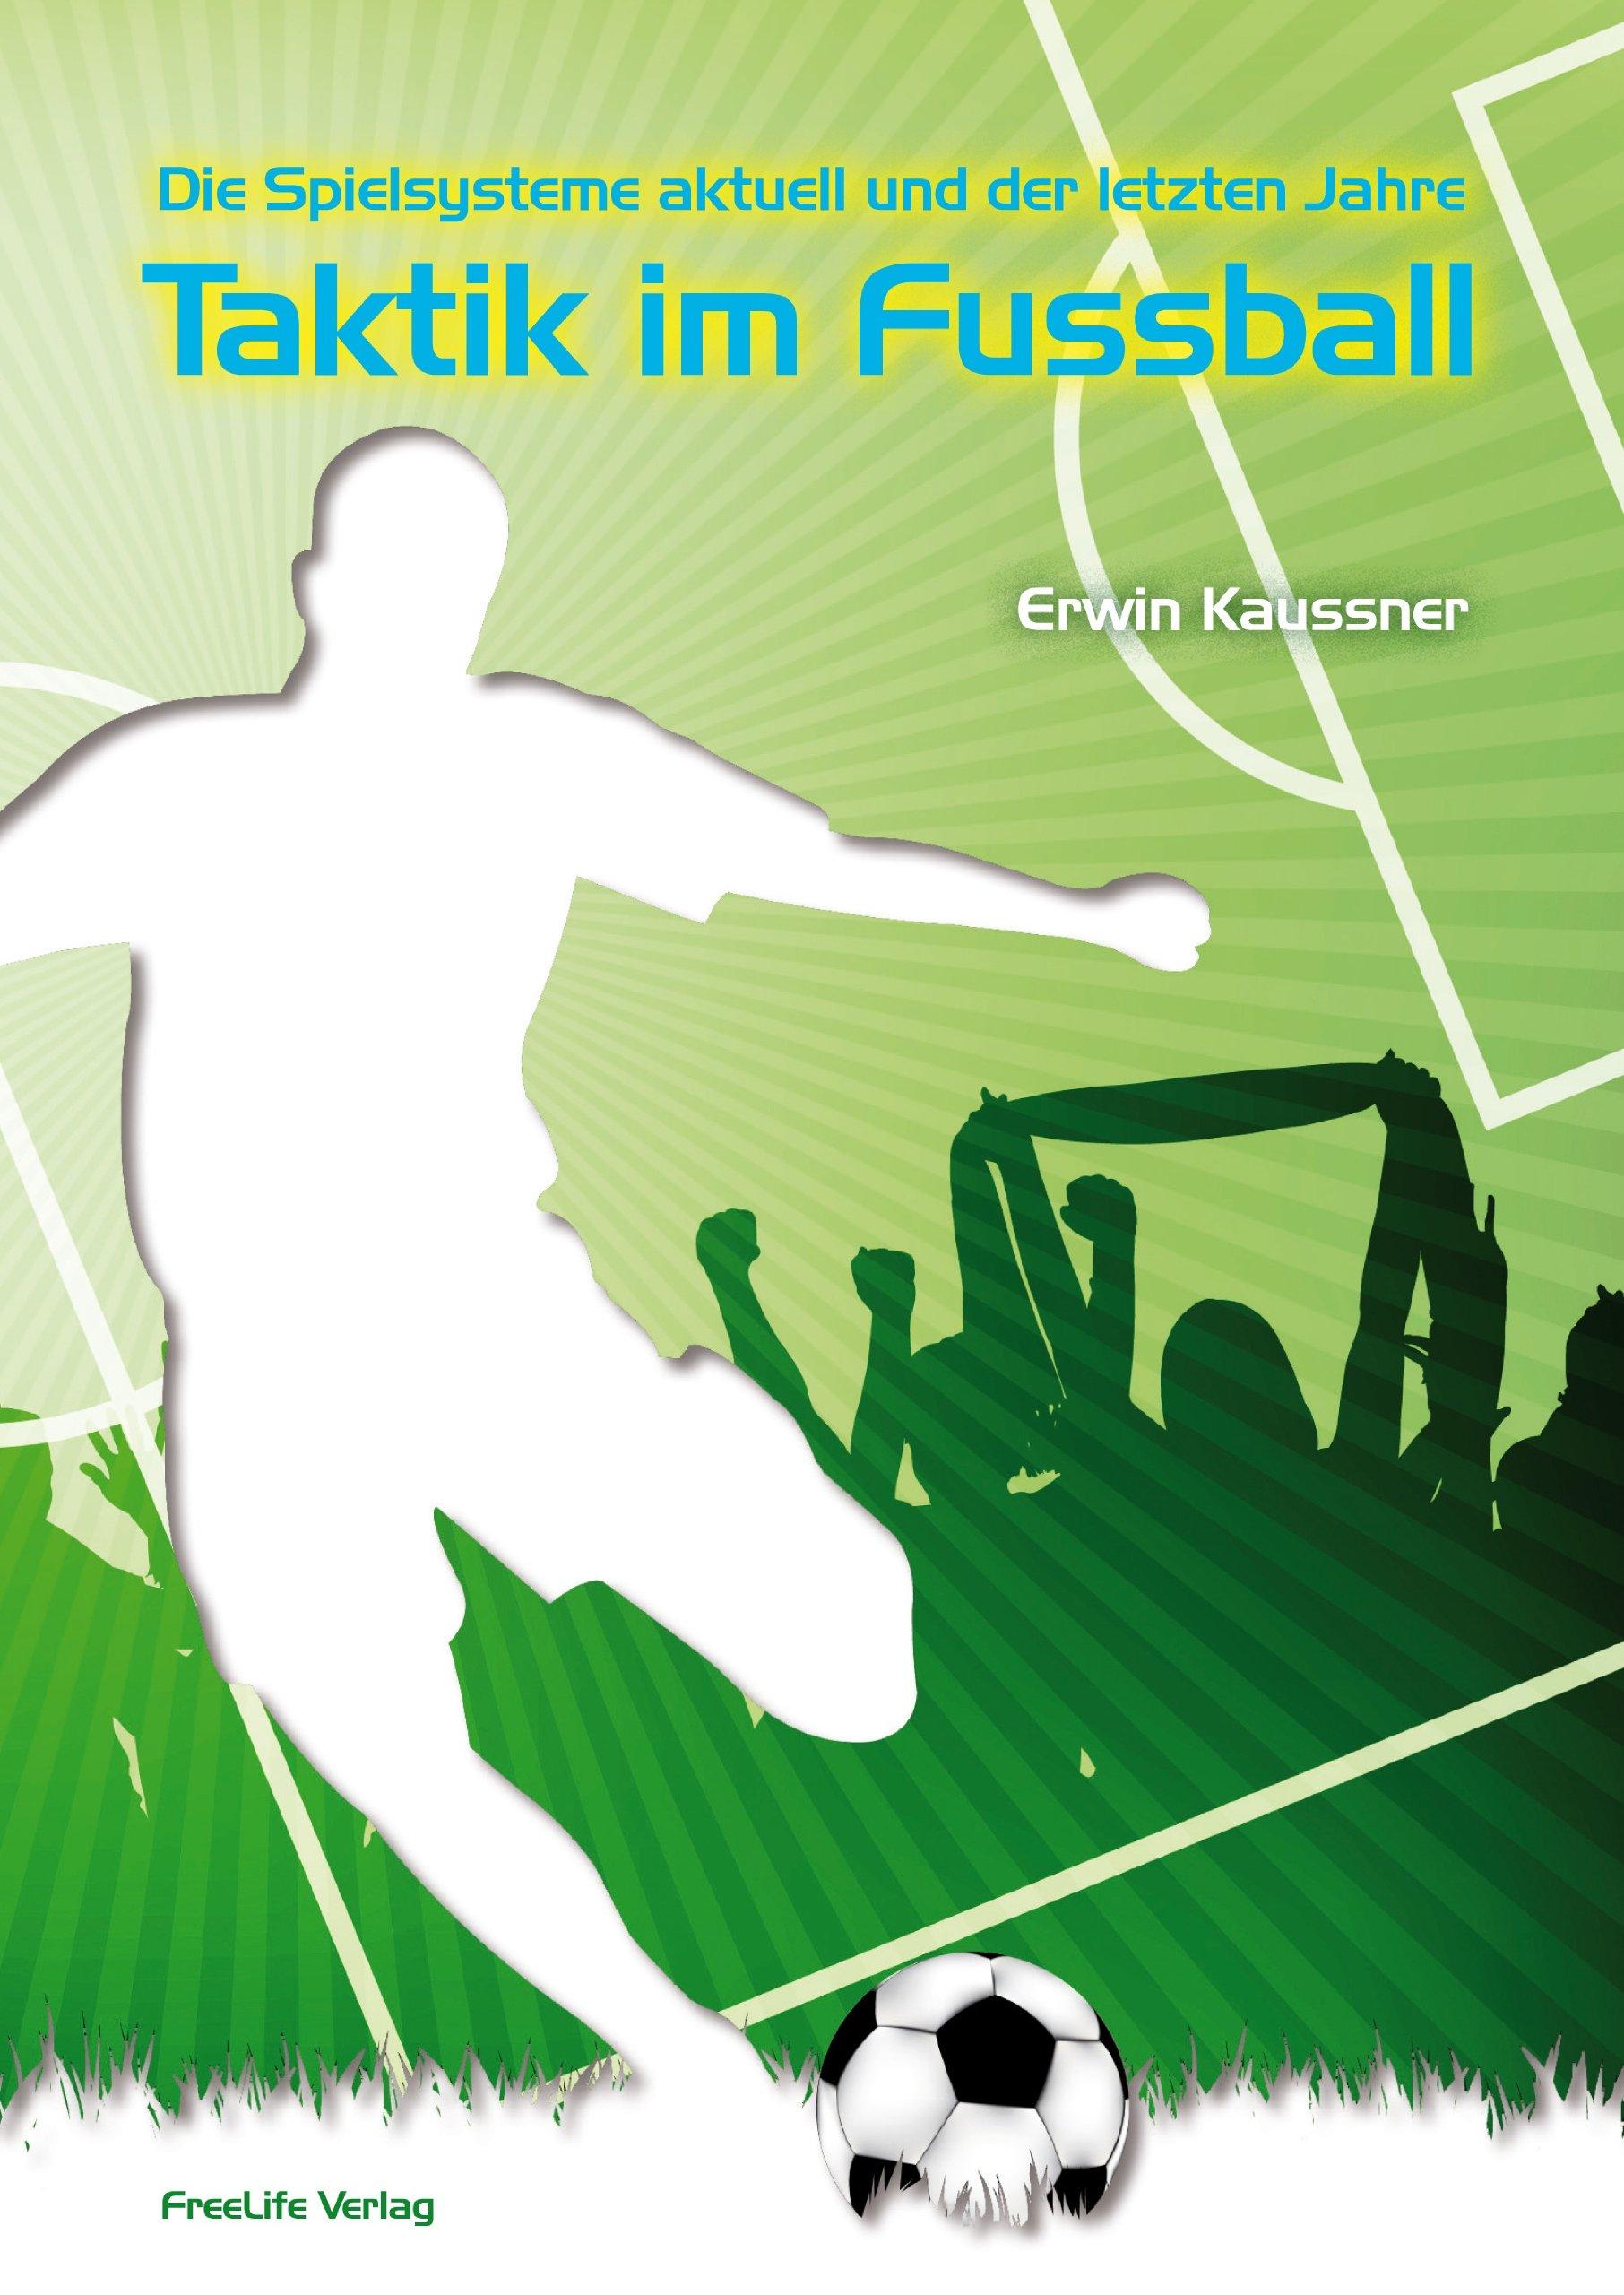 Die Spielsysteme aktuell und der letzten Jahre - Taktik im Fussball